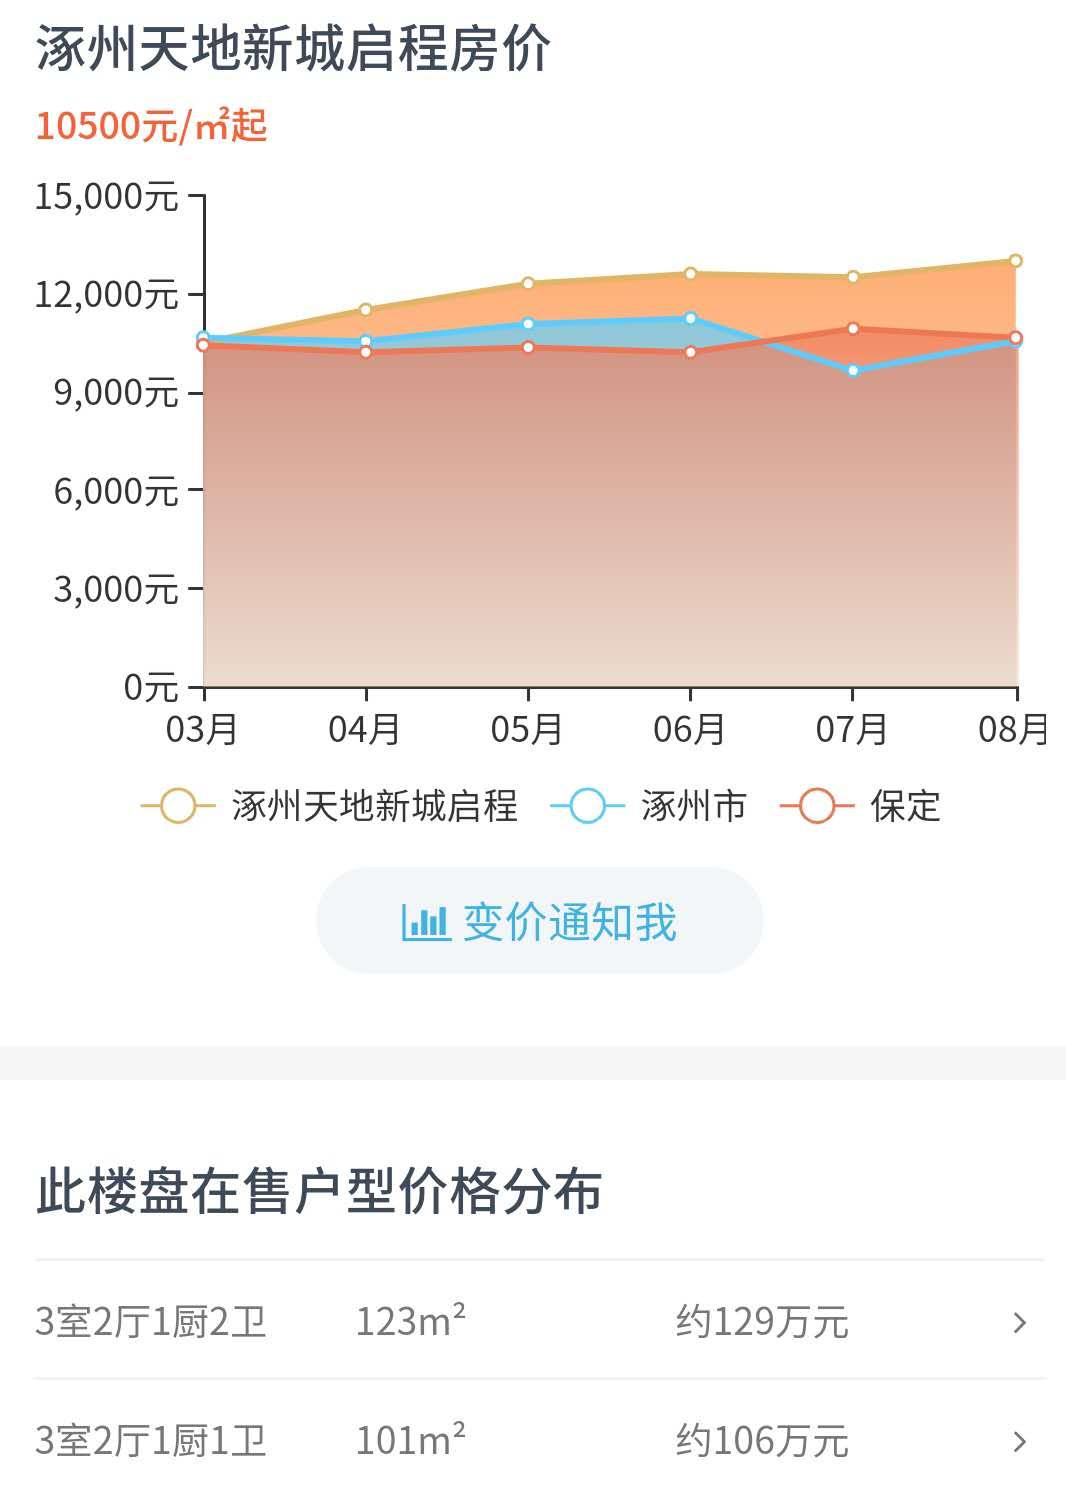 2920年涿州8月份房价走势图